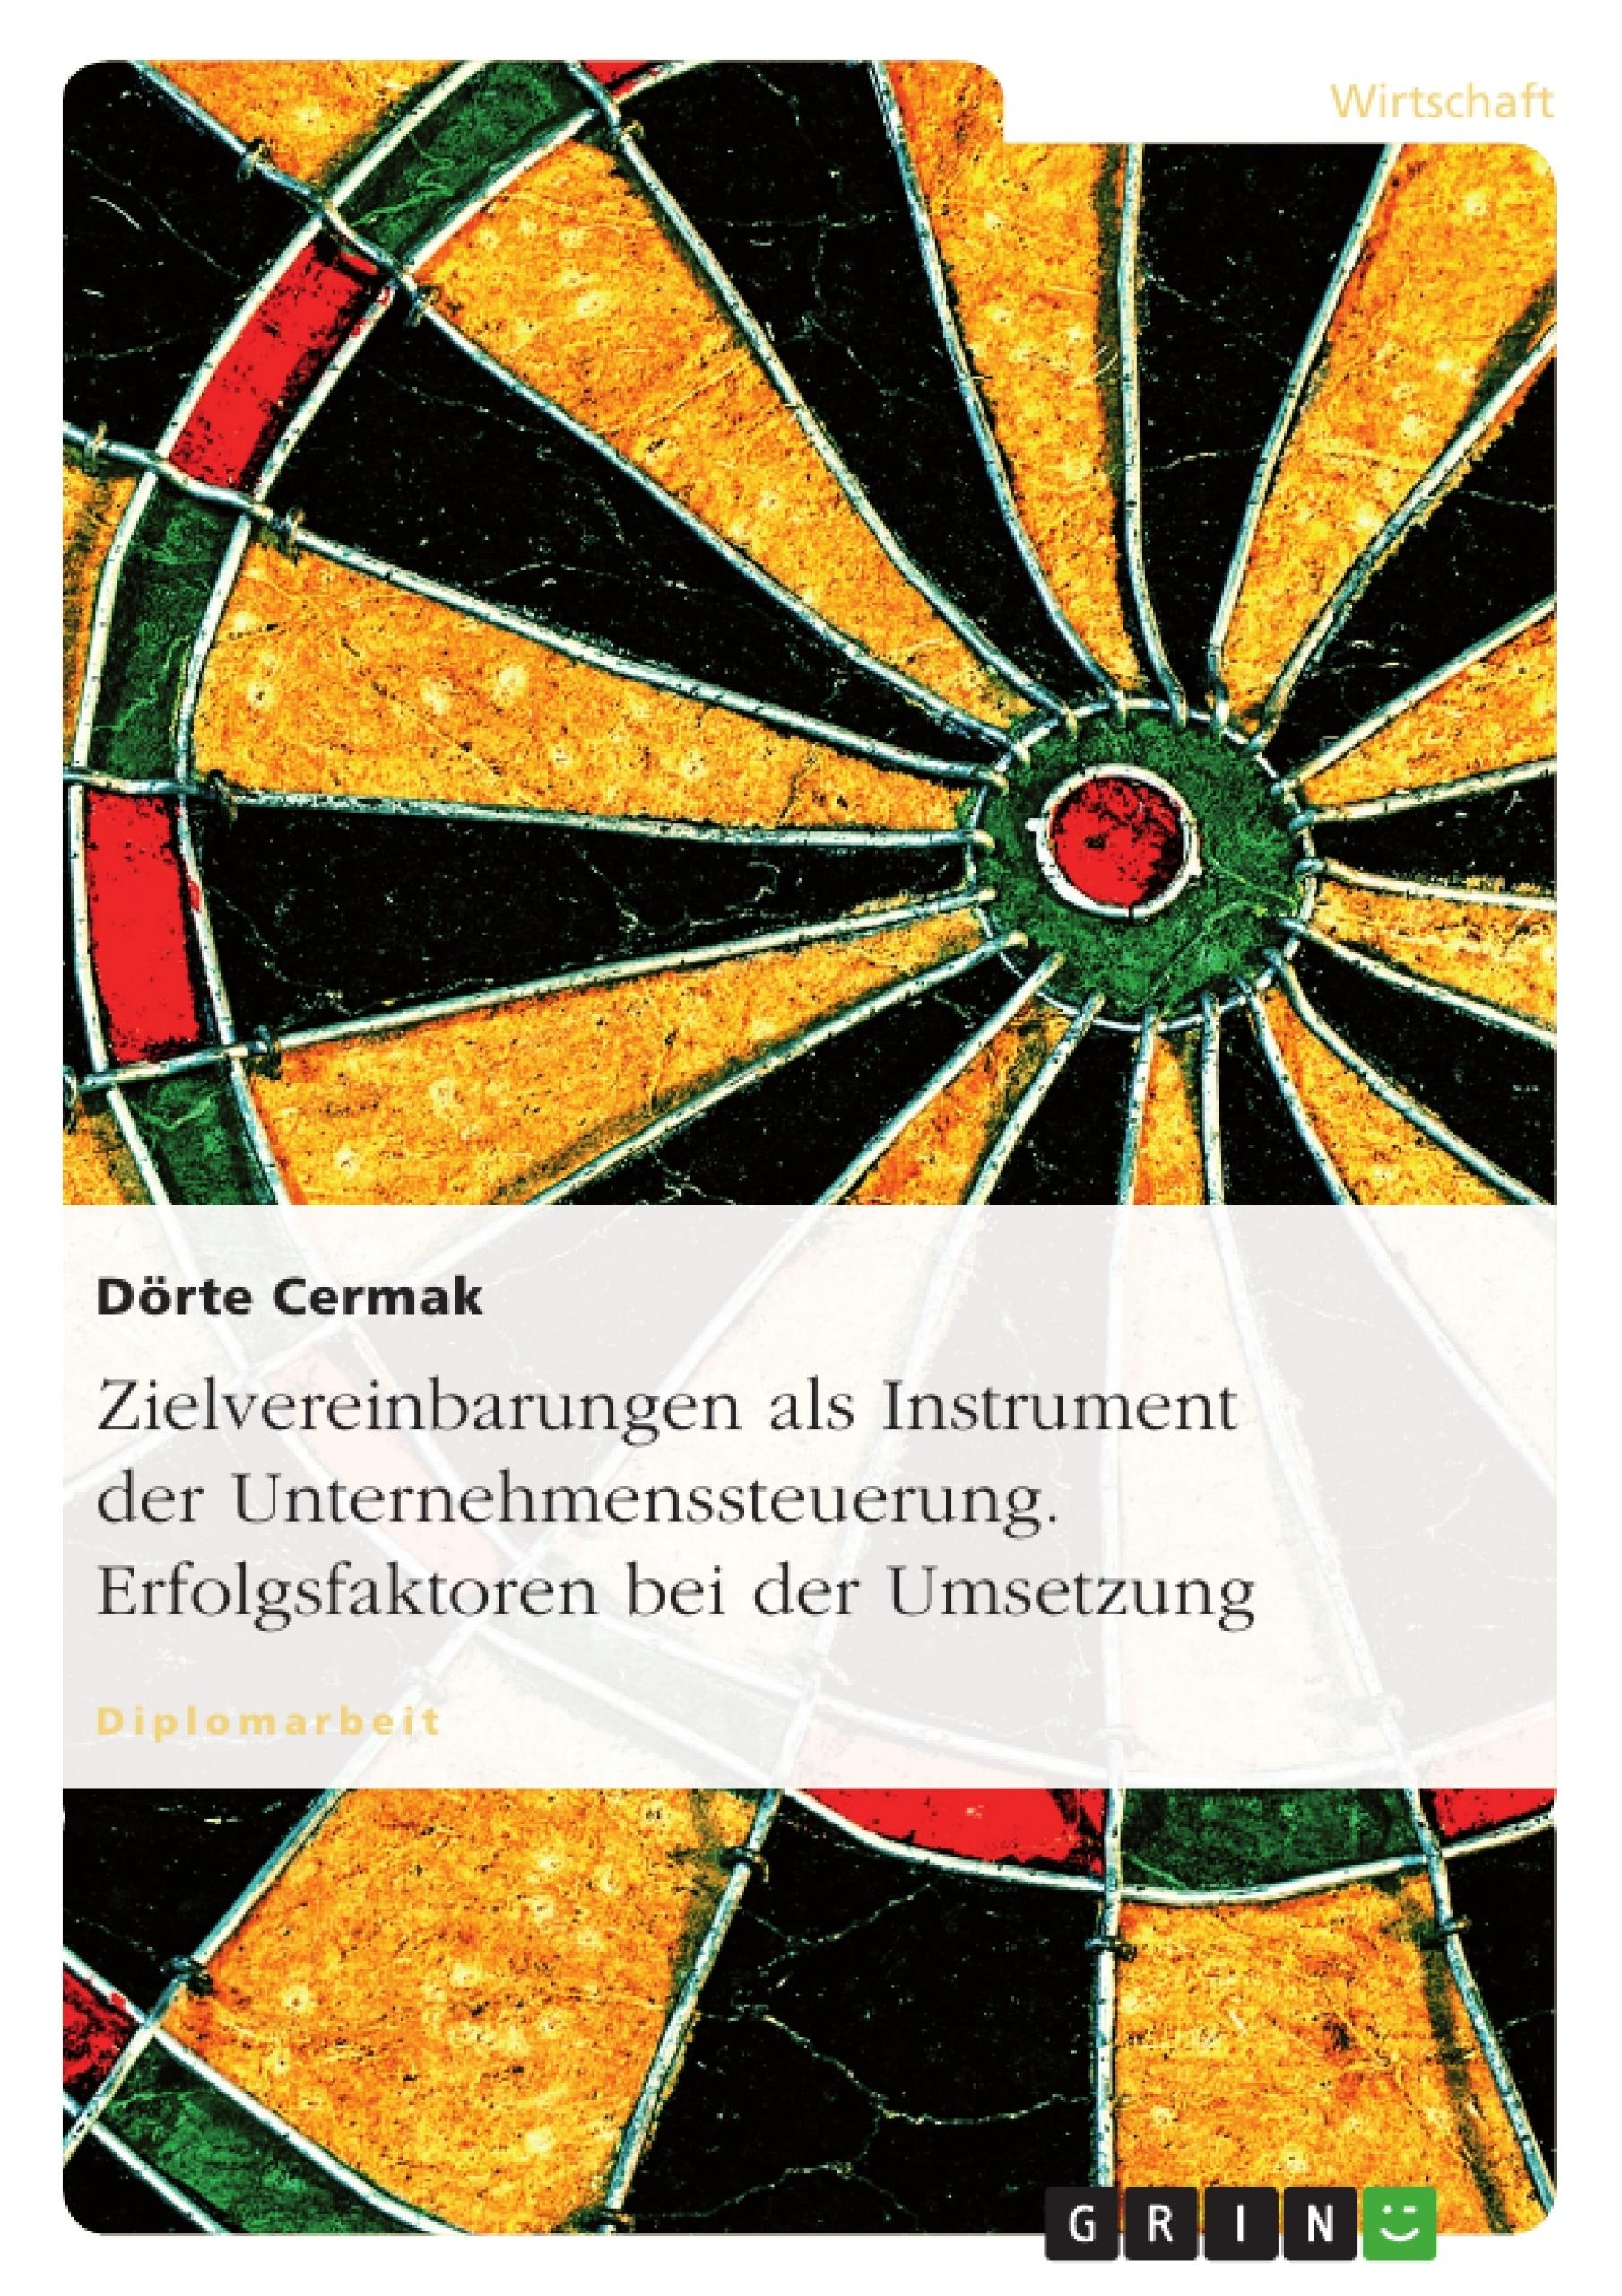 Titel: Zielvereinbarungen als Instrument der Unternehmenssteuerung. Erfolgsfaktoren bei der Umsetzung